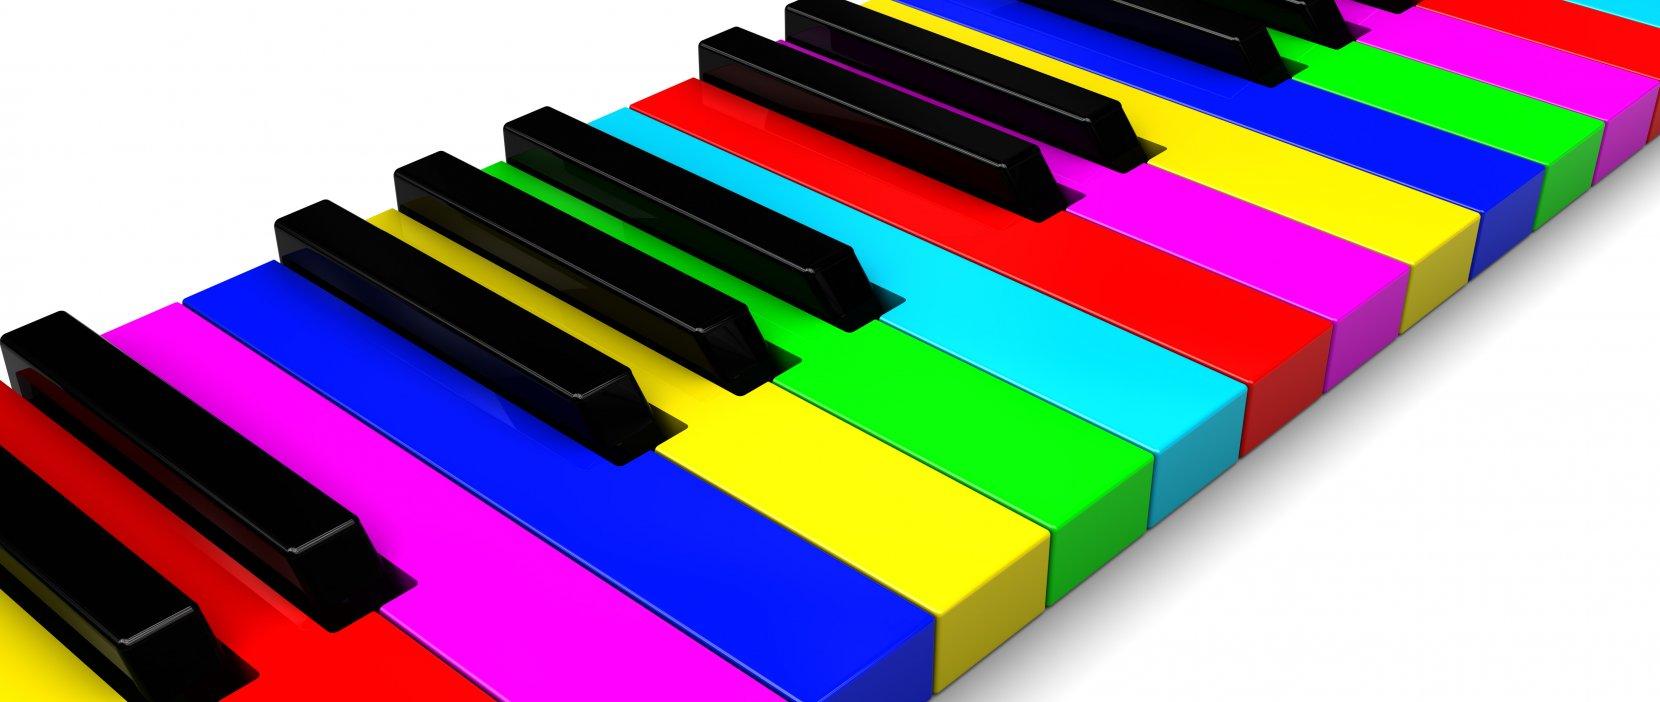 Billede af klaviatur med farvede tangenter